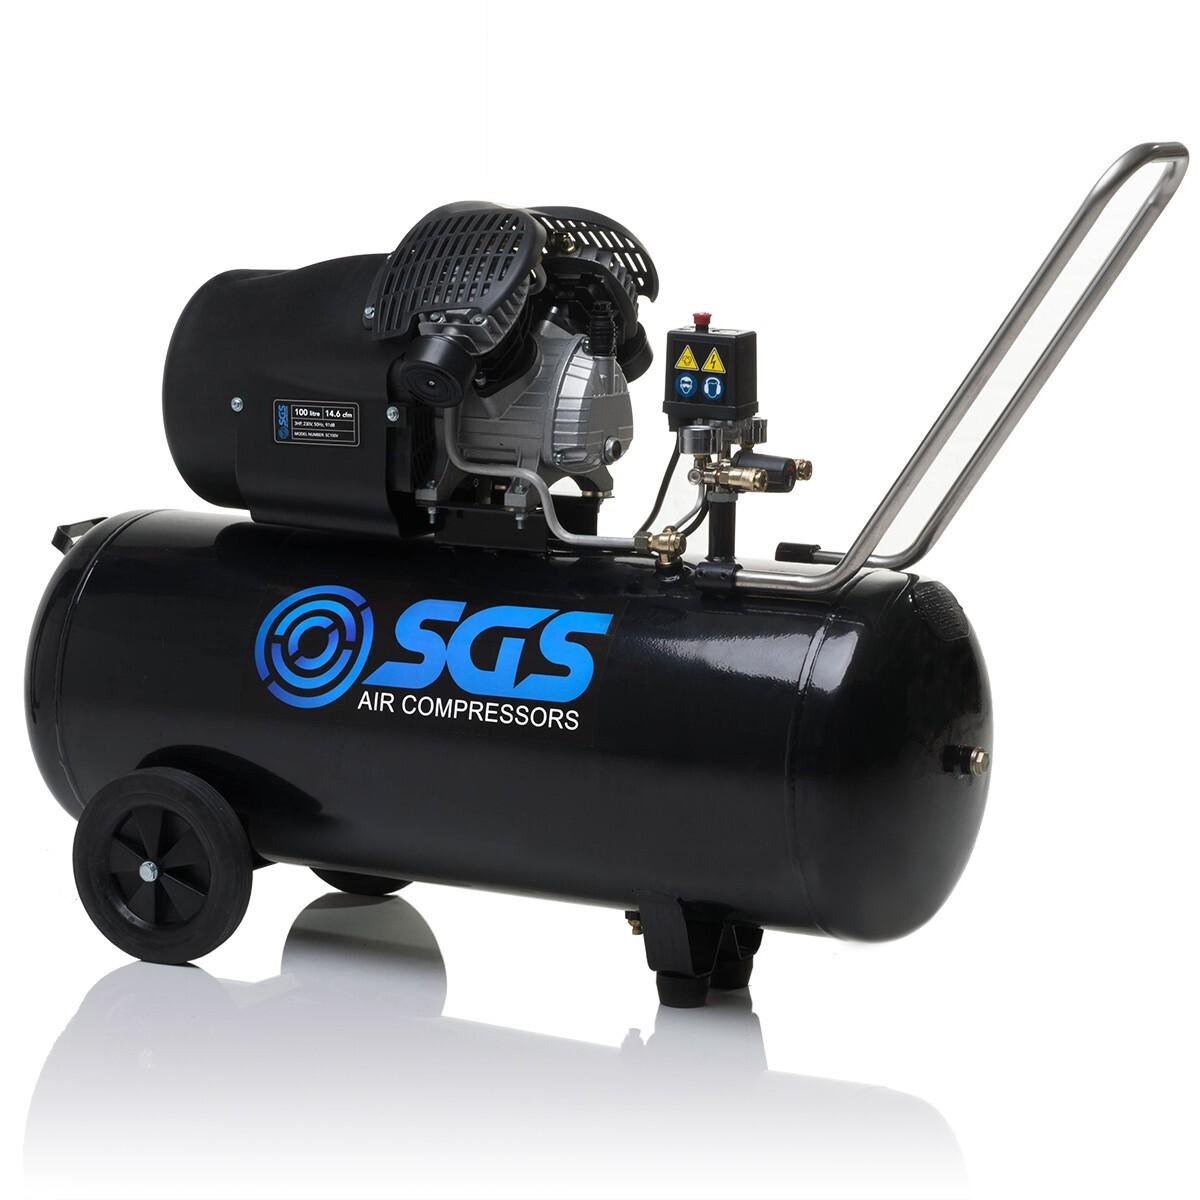 Details about SGS 100 Litre Air Compressor & 5 Piece Tool Kit - 14 6 CFM, 3  HP